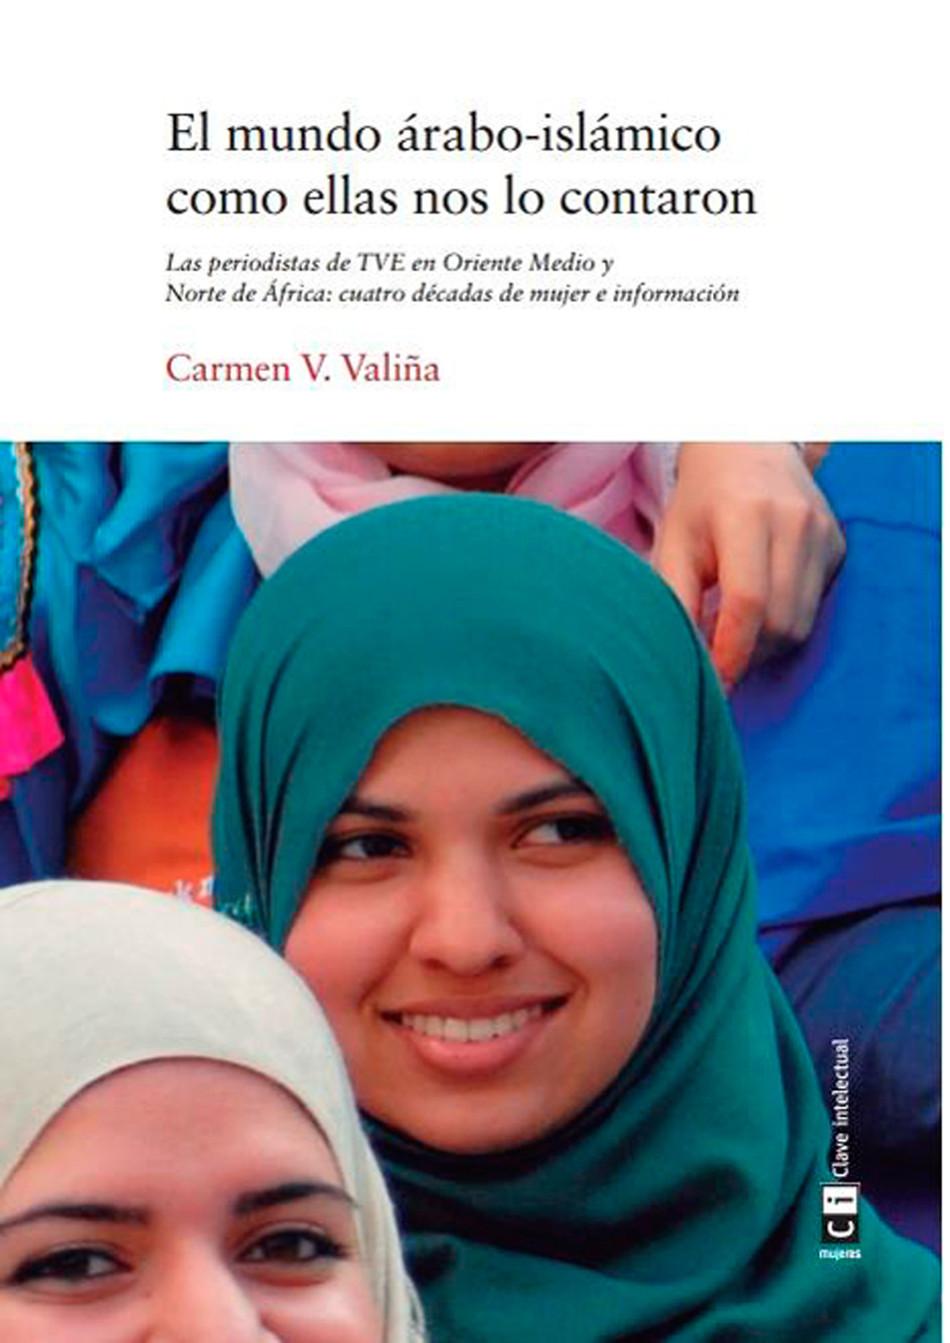 La Fundación Araguaney-Puente de Culturas presenta un libro en el que se analiza el trabajo en Orien